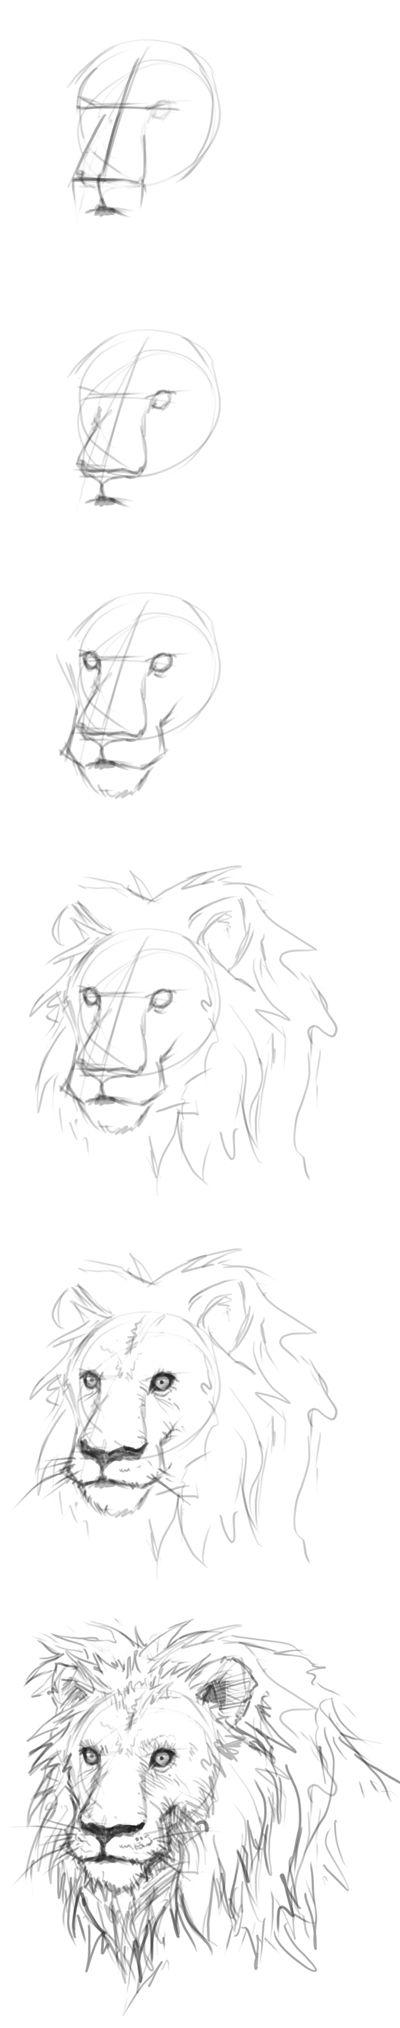 38 löwe zeichnen anleitung  besten bilder von ausmalbilder